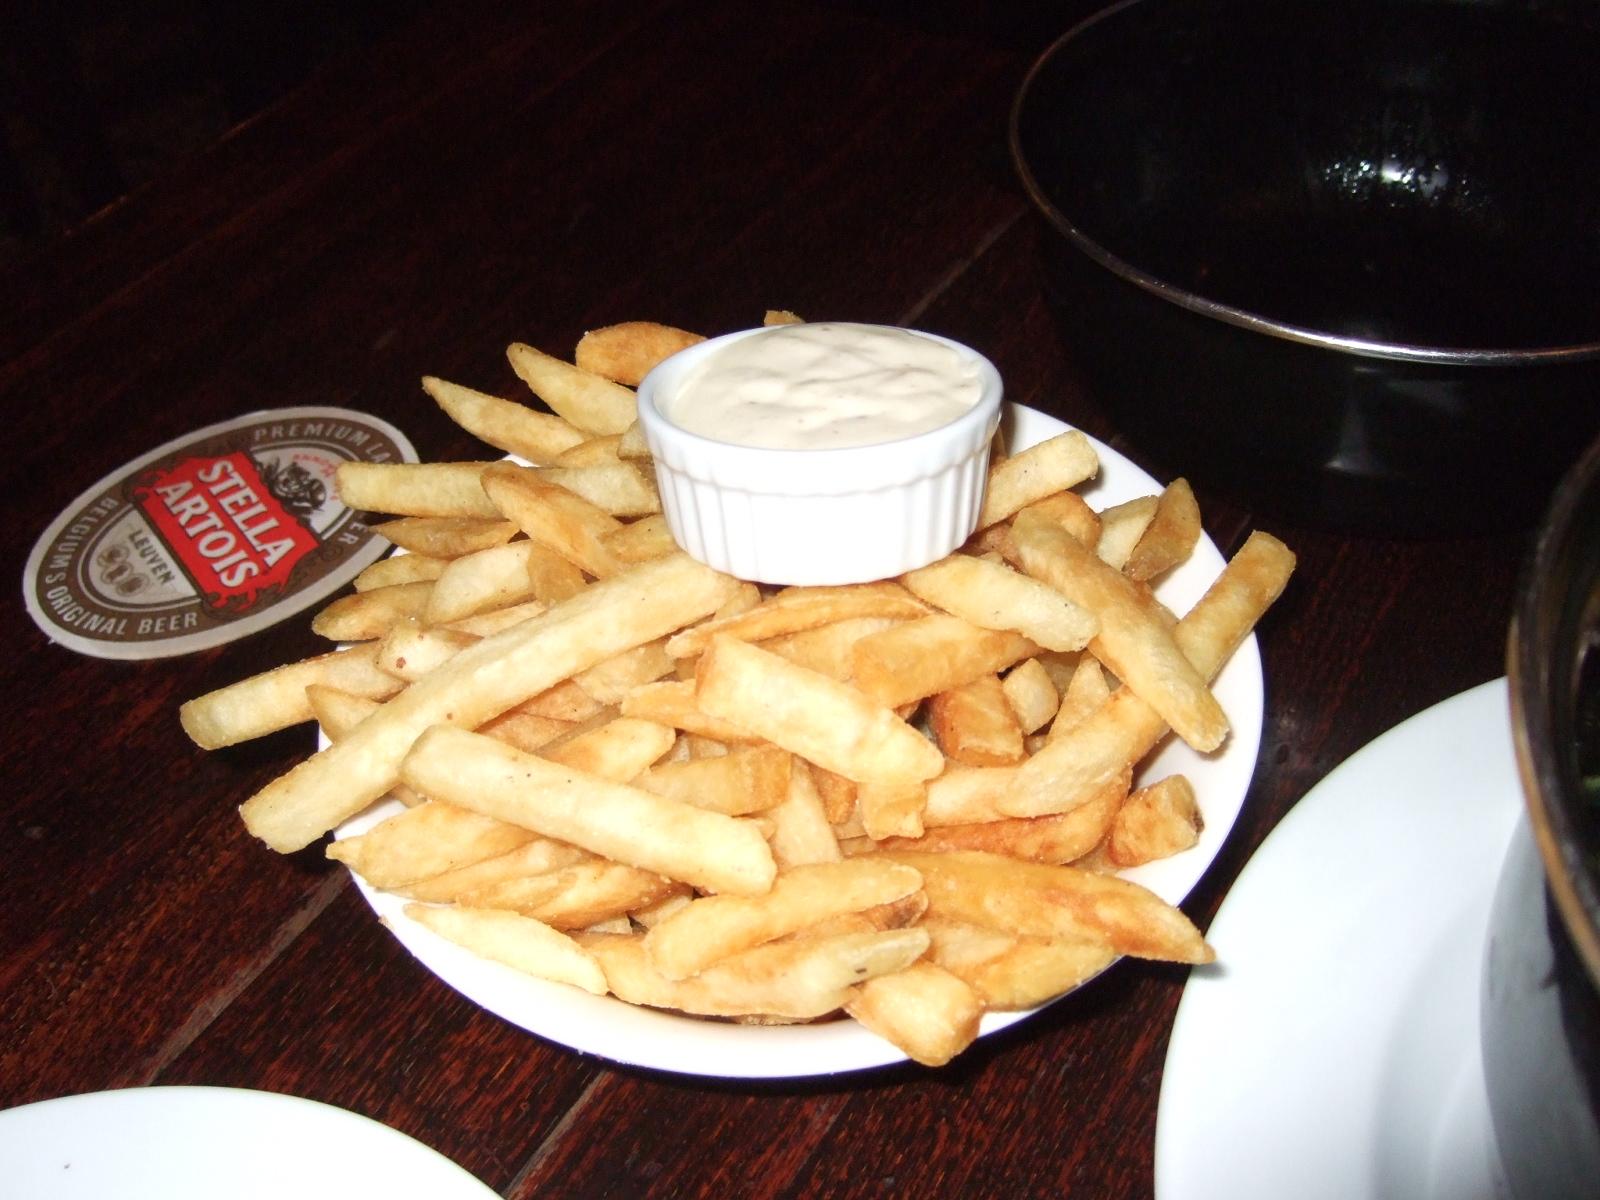 ポテト,The Occidental Belgian Cafe,NZ〈著作権フリー無料画像〉Free Stock Photos